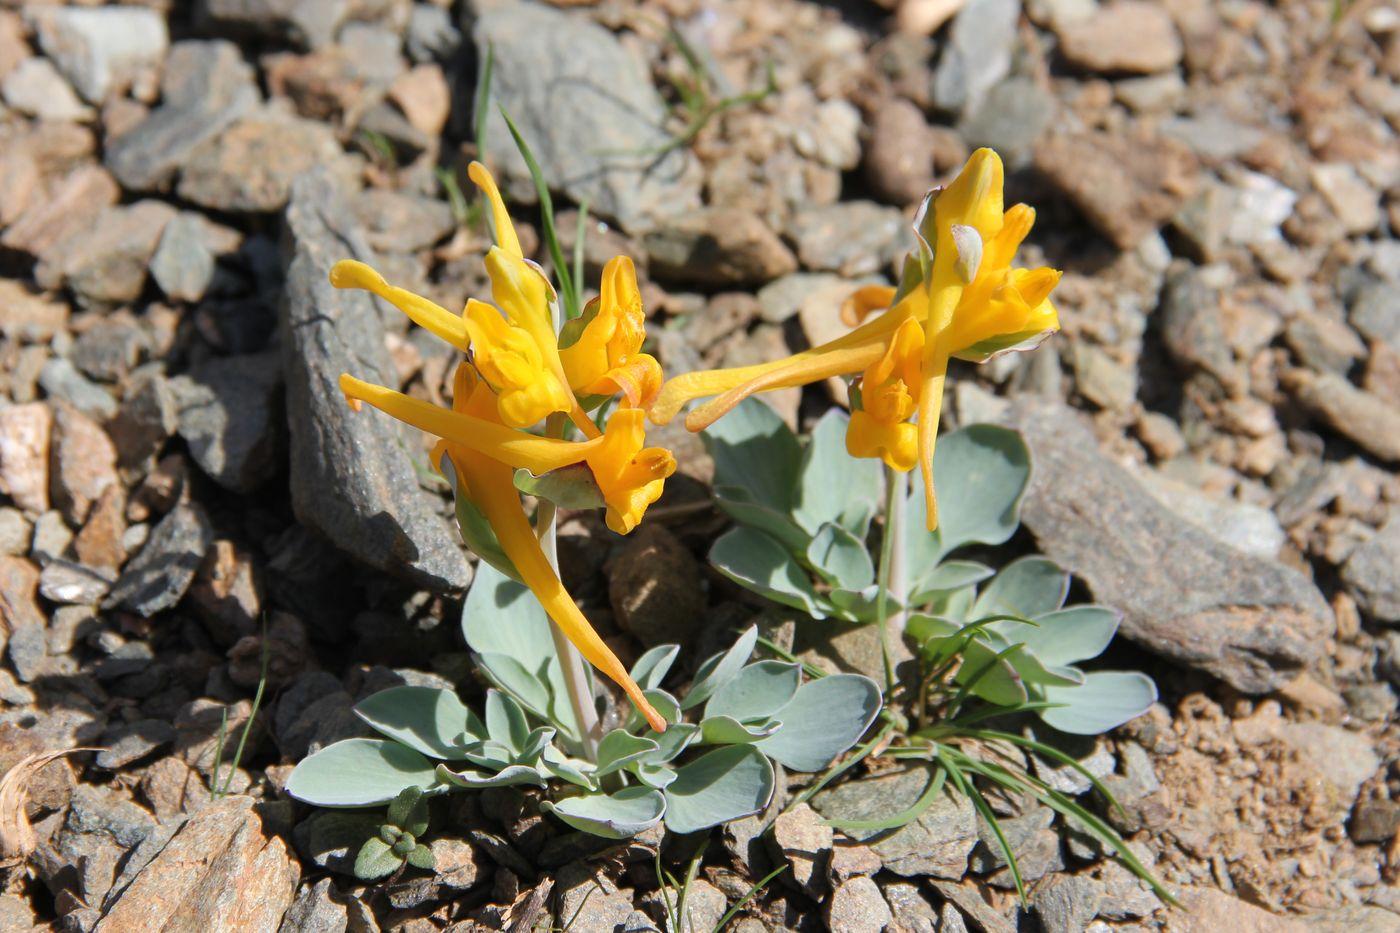 Хохлатка Северцова (Corydalis sewerzowii)